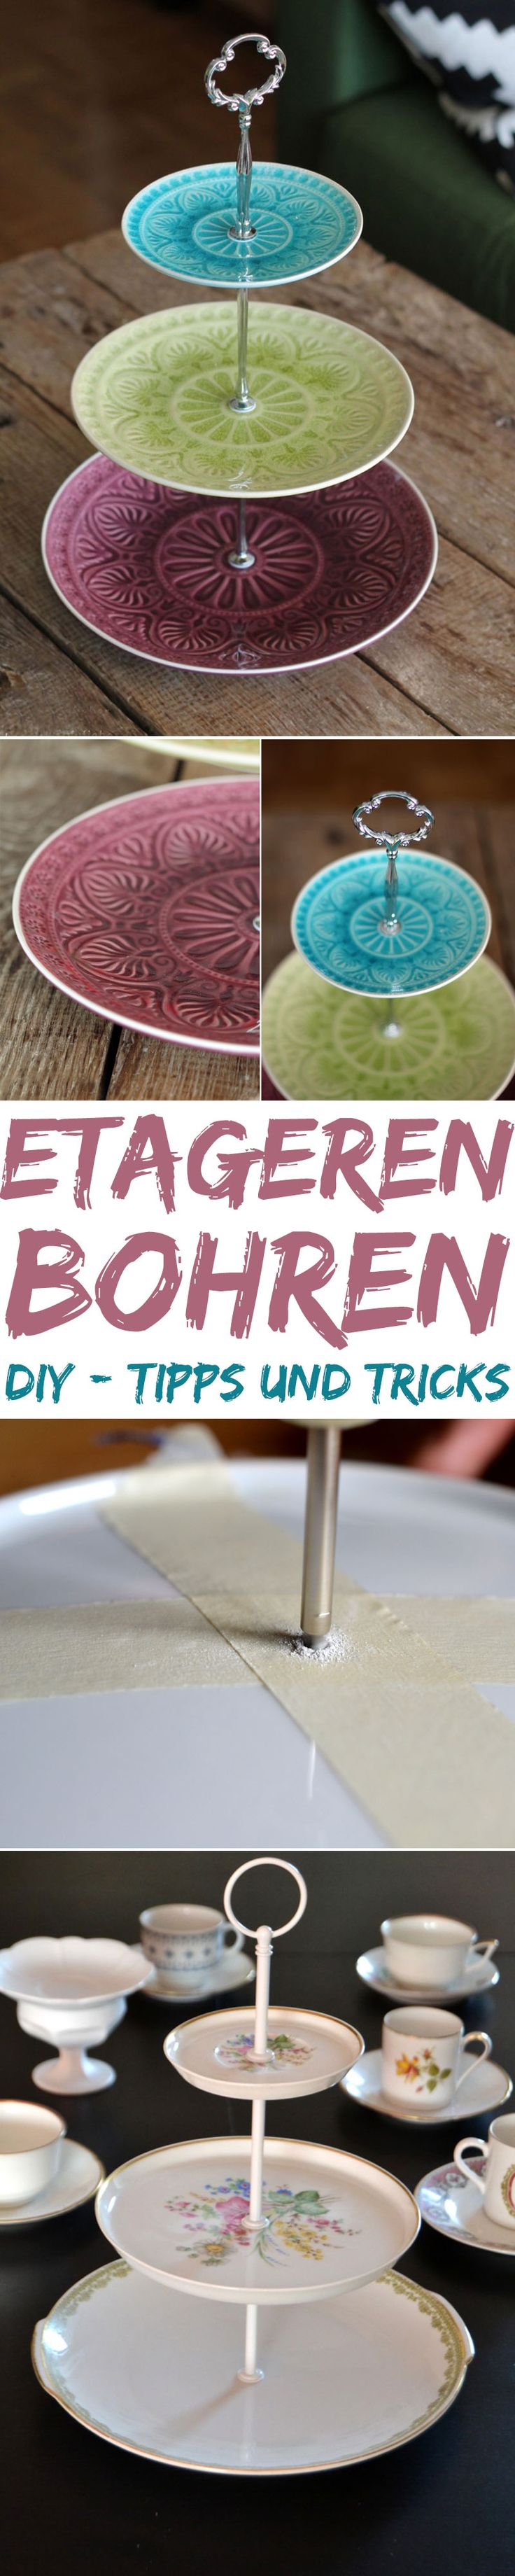 DIY Etageren - Schritt für Schritt Anleitung und Tipps fürs Bohren. Kreativfieber.de